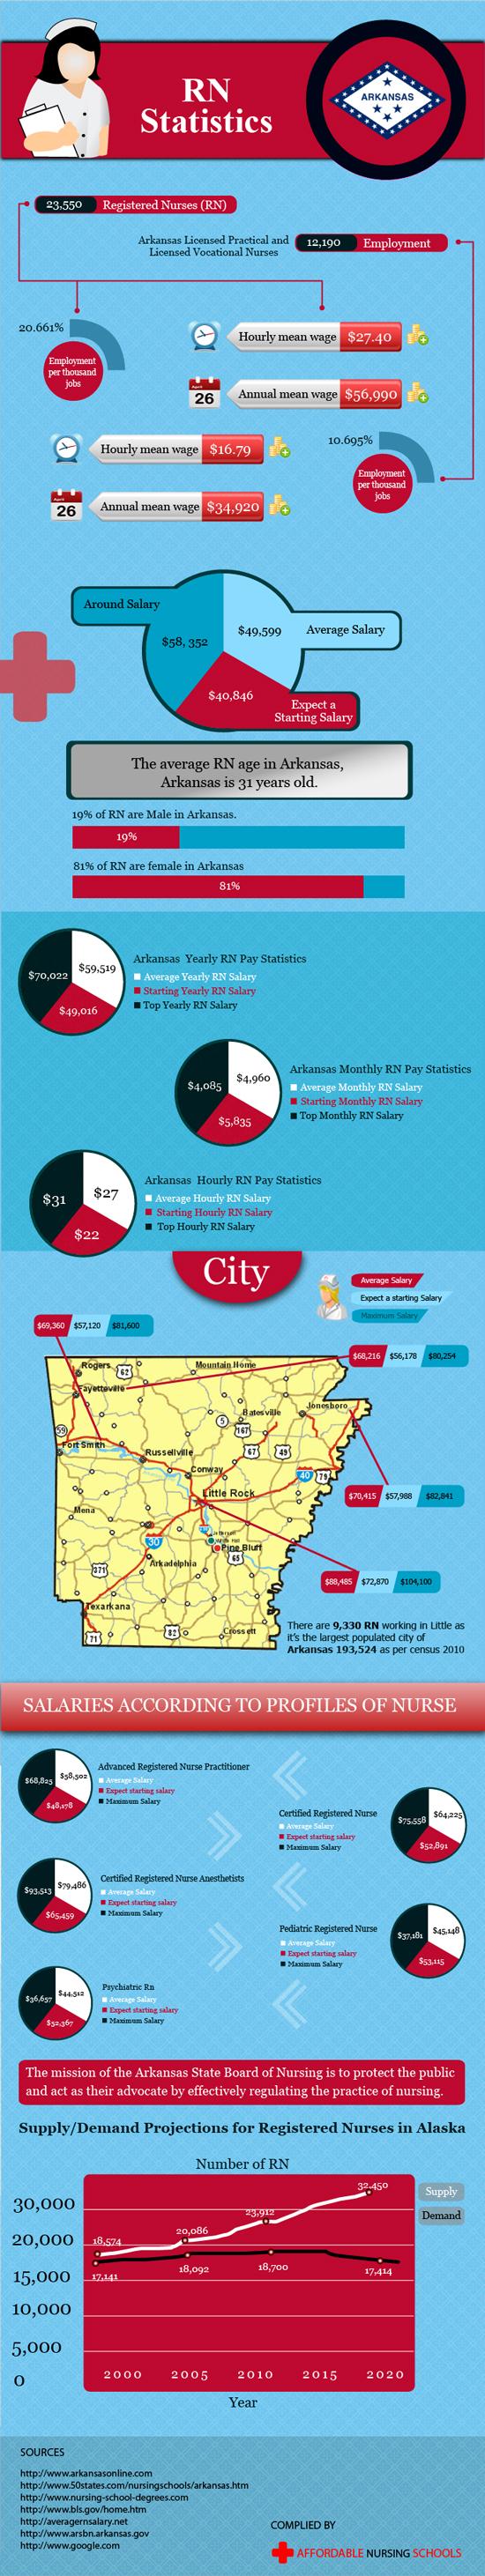 Arkansas Salary Statistics in Nursing Career